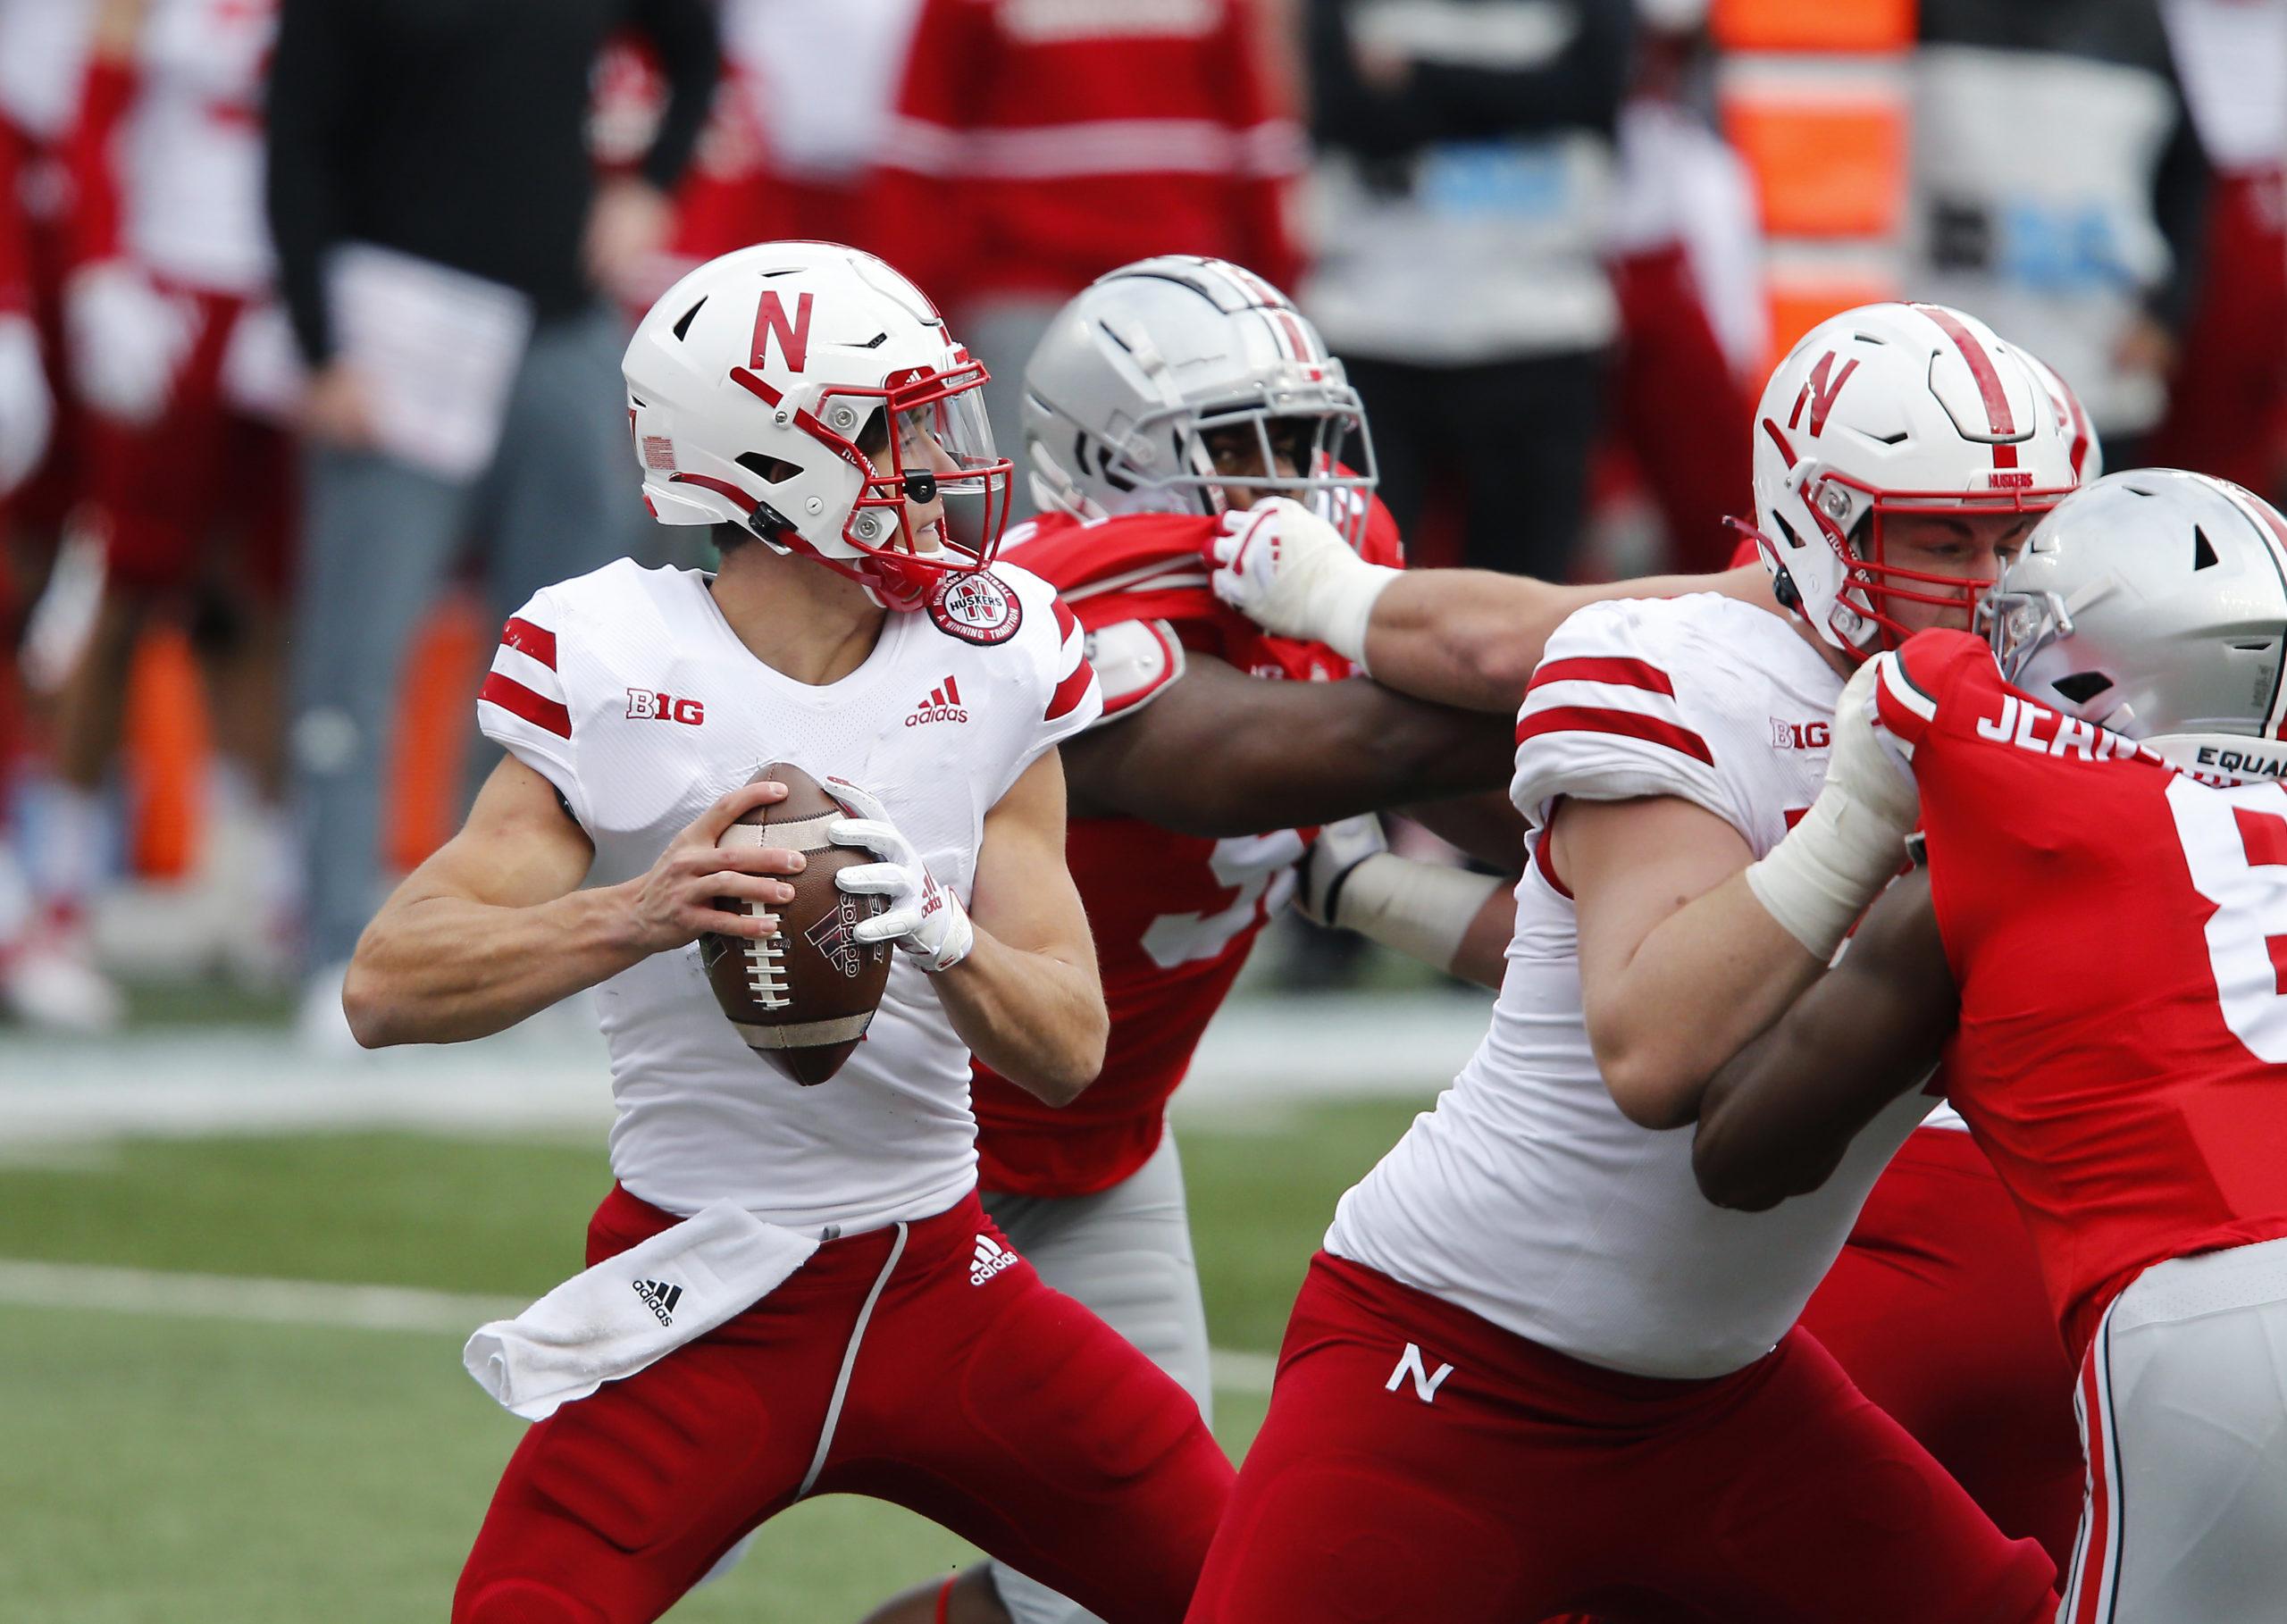 Report: Former Nebraska QB, Louisville commit Luke McCaffrey transferring to G5 program